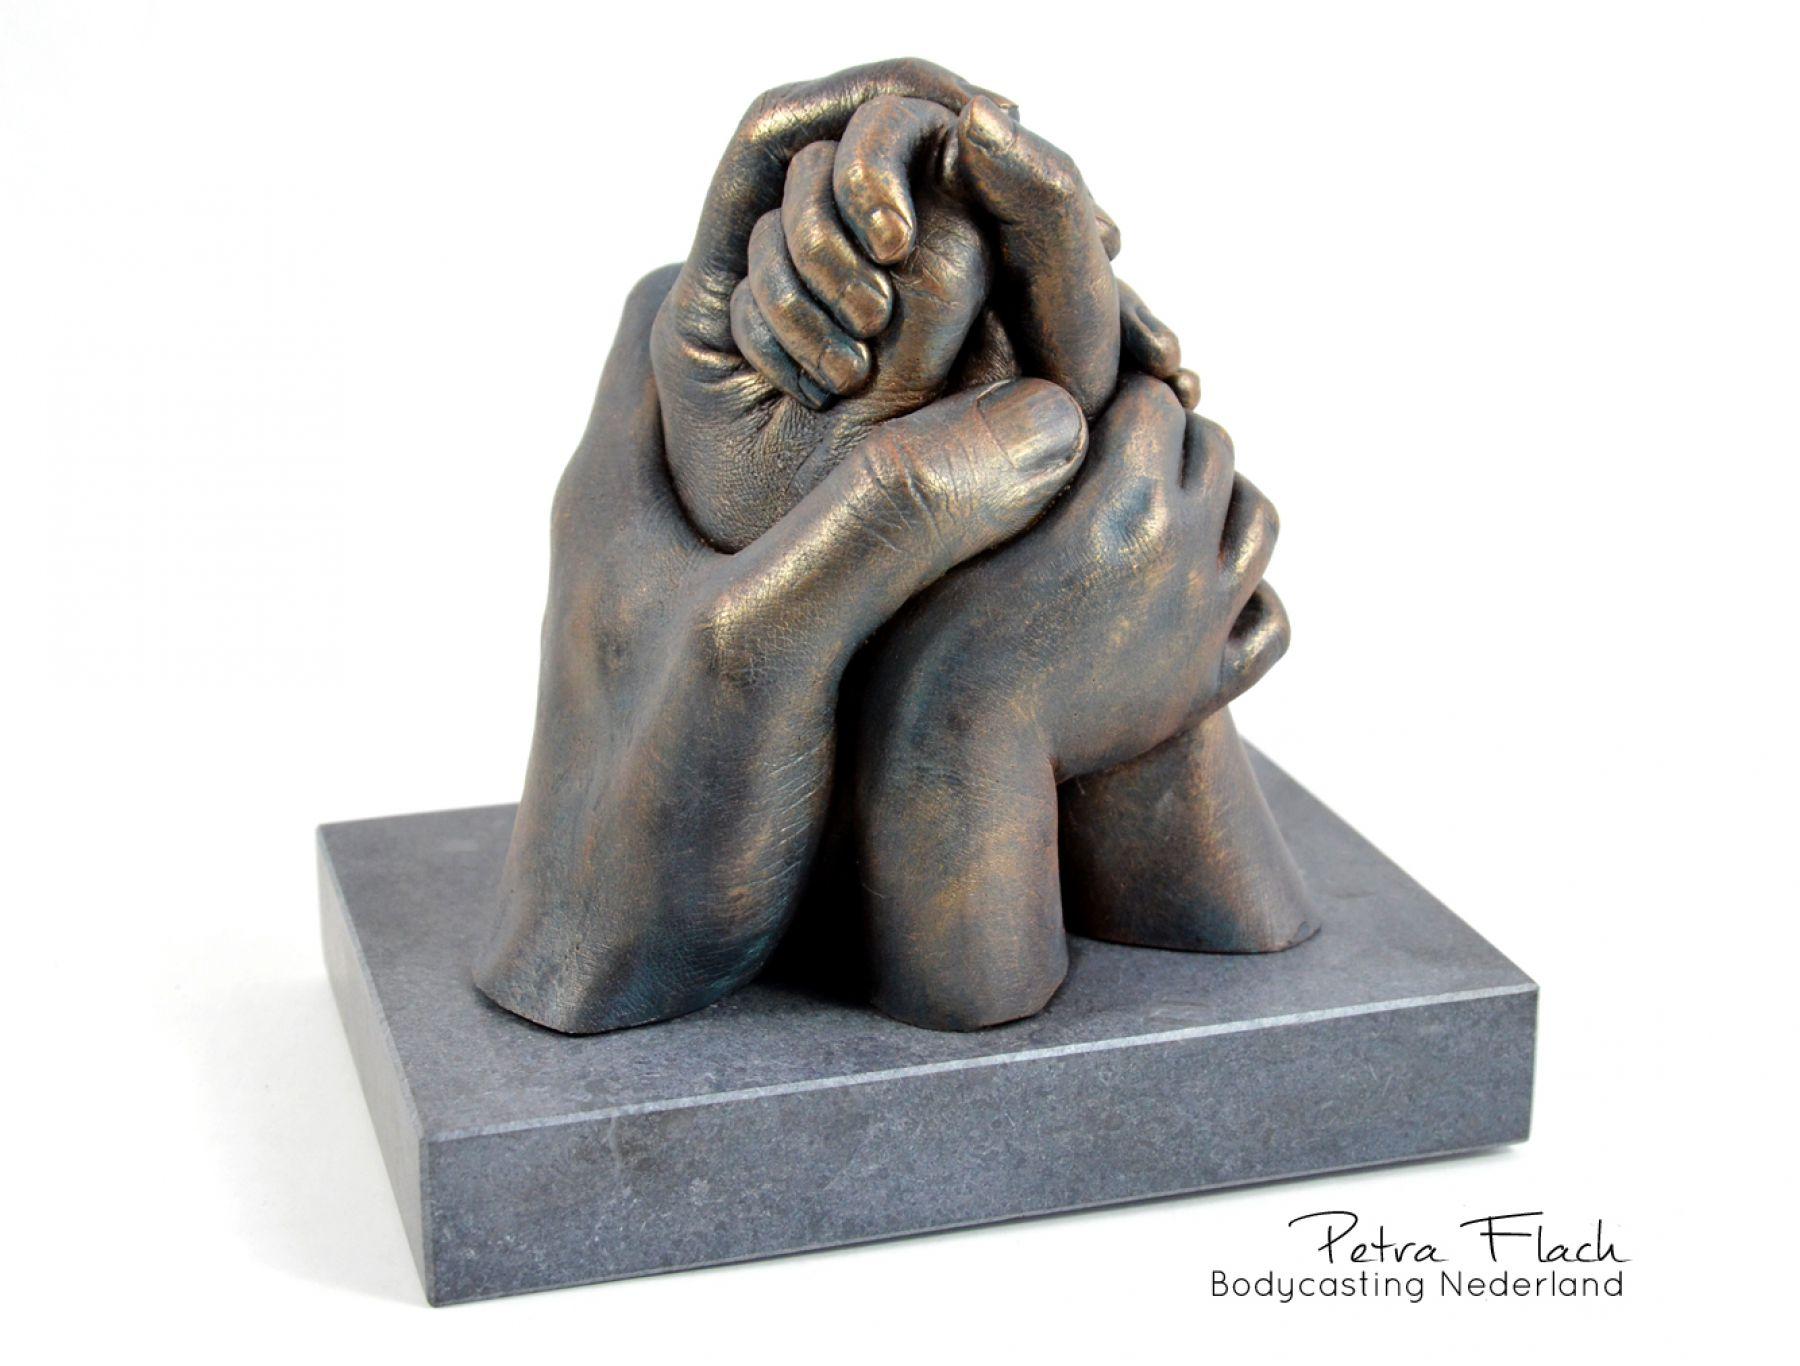 Bodycasting-lifecasting-handbeeld-gezinsbeeld-familiebeeld-familie-gezin-kunst-art-handenafdruk-handenkunst-petraflach-afscheidsbeeld-afscheid